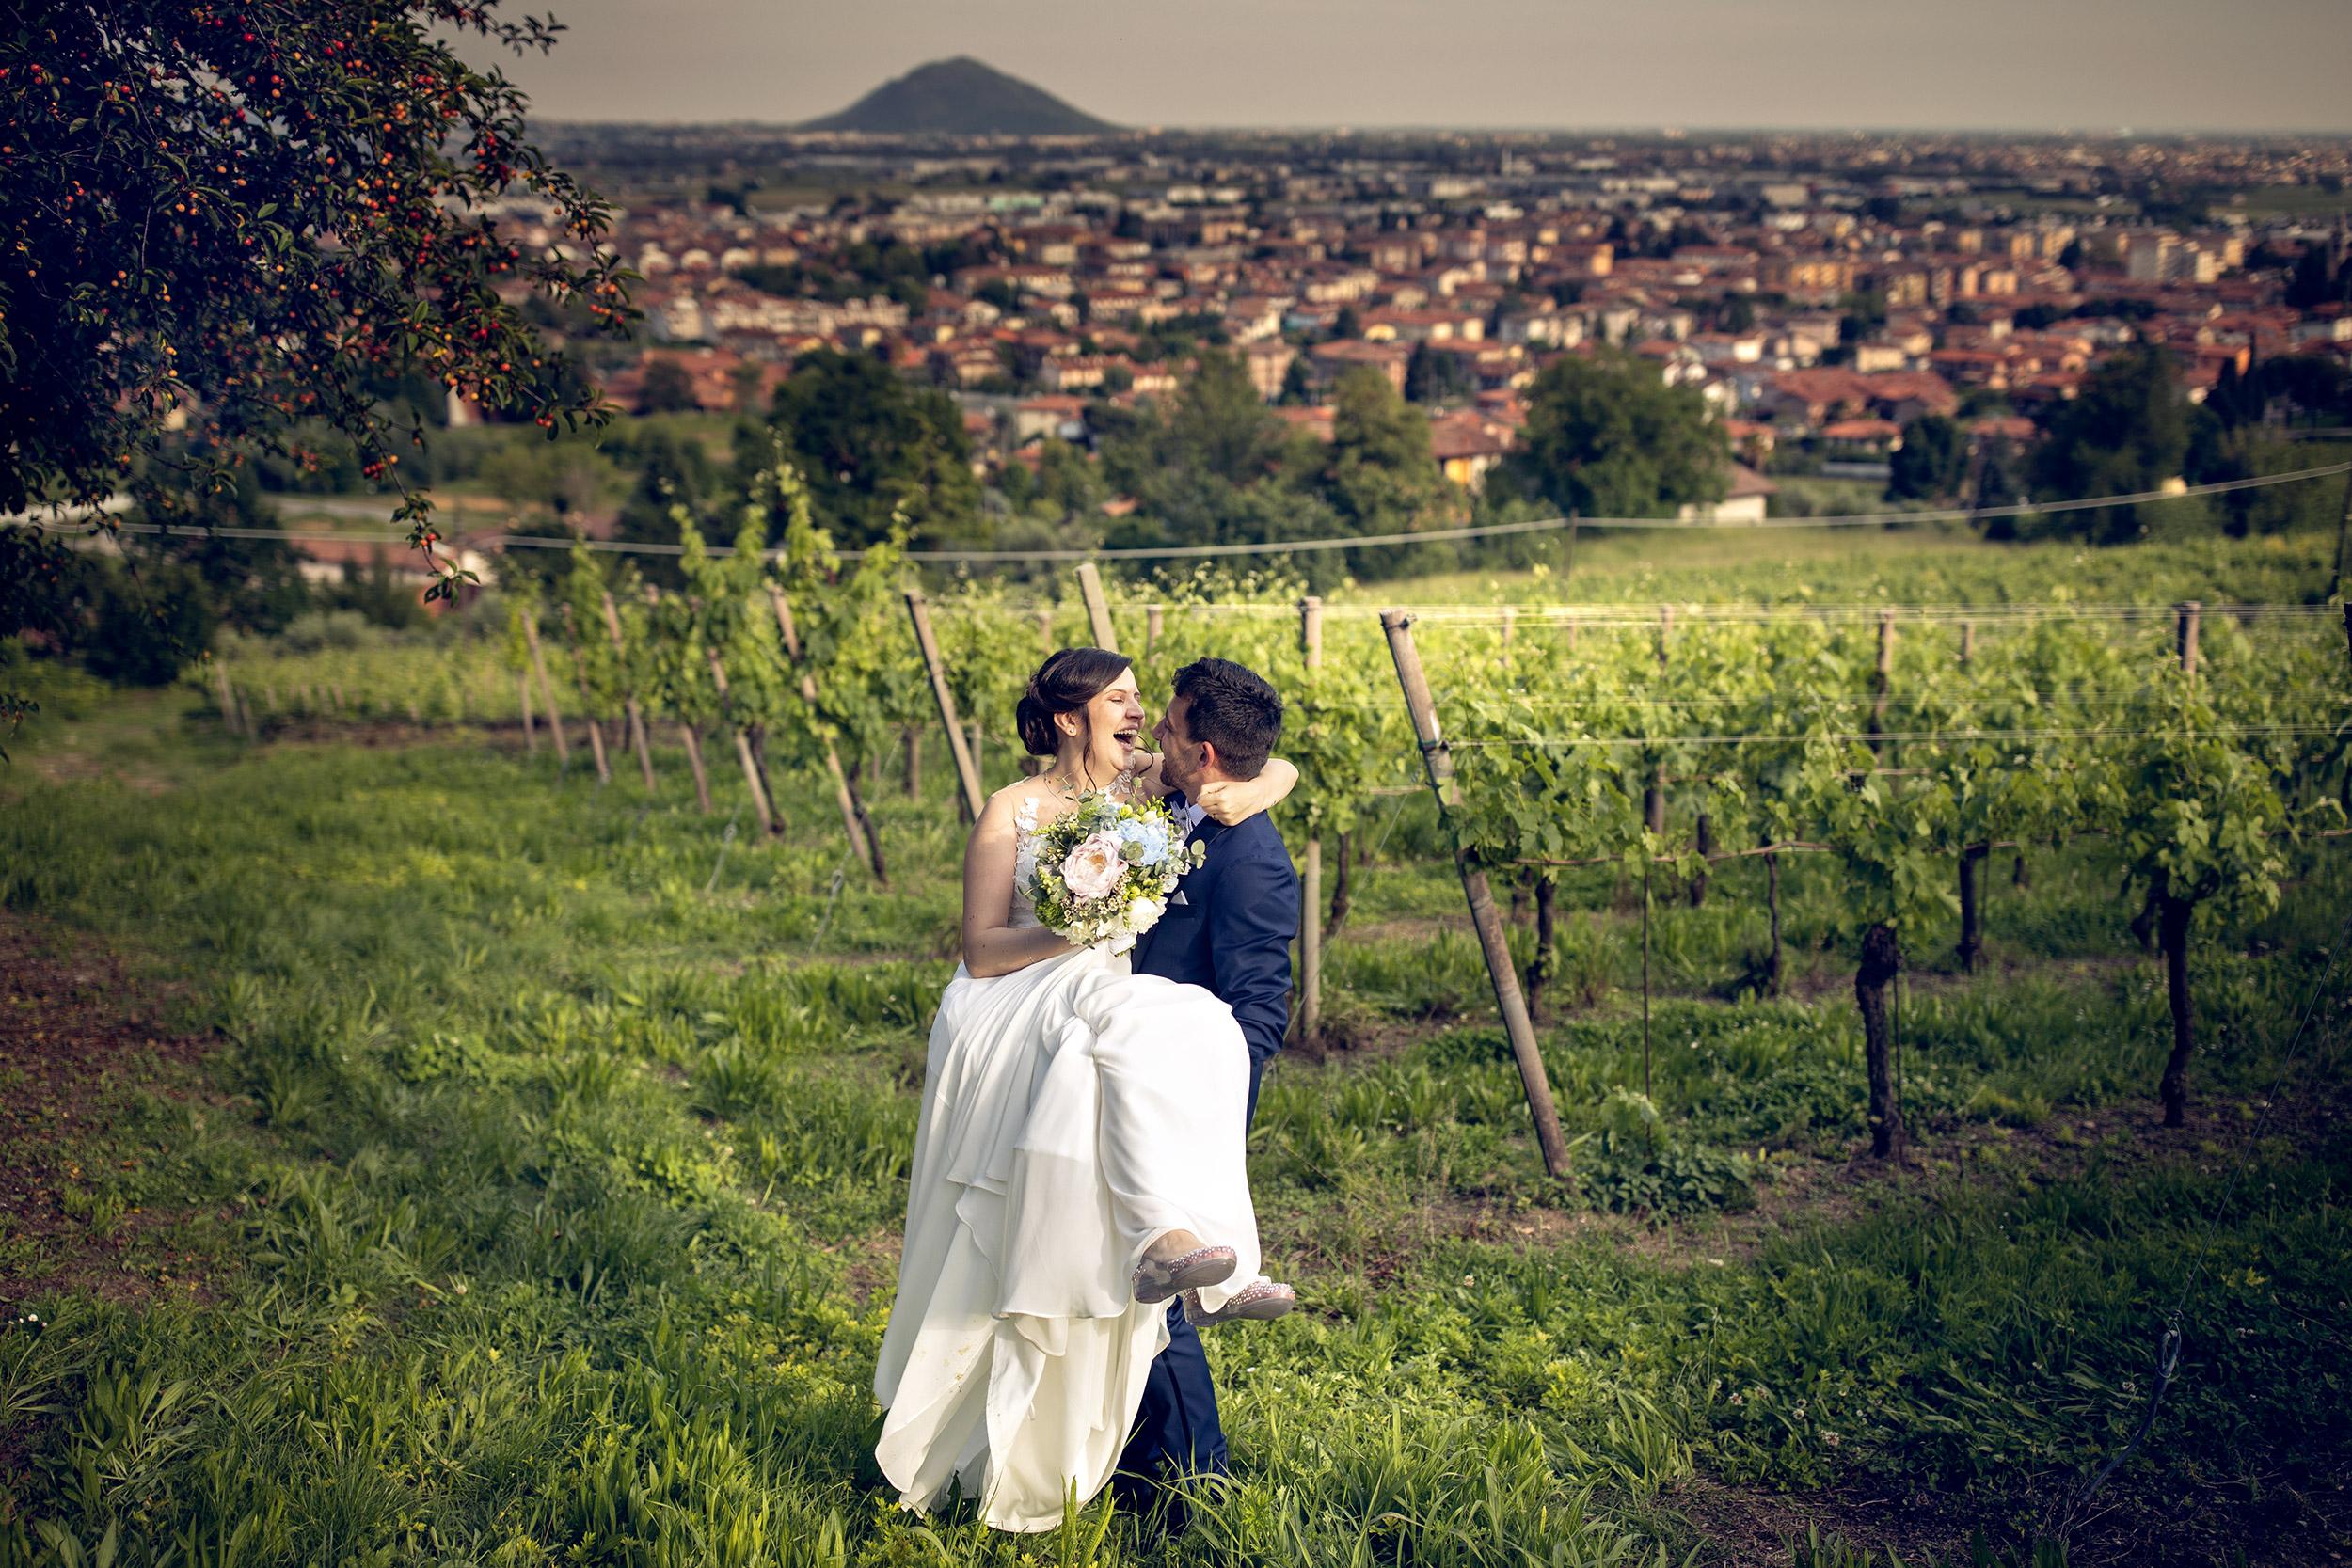 001 reportage wedding sposi foto matrimonio cascina fiorita bergamo 1